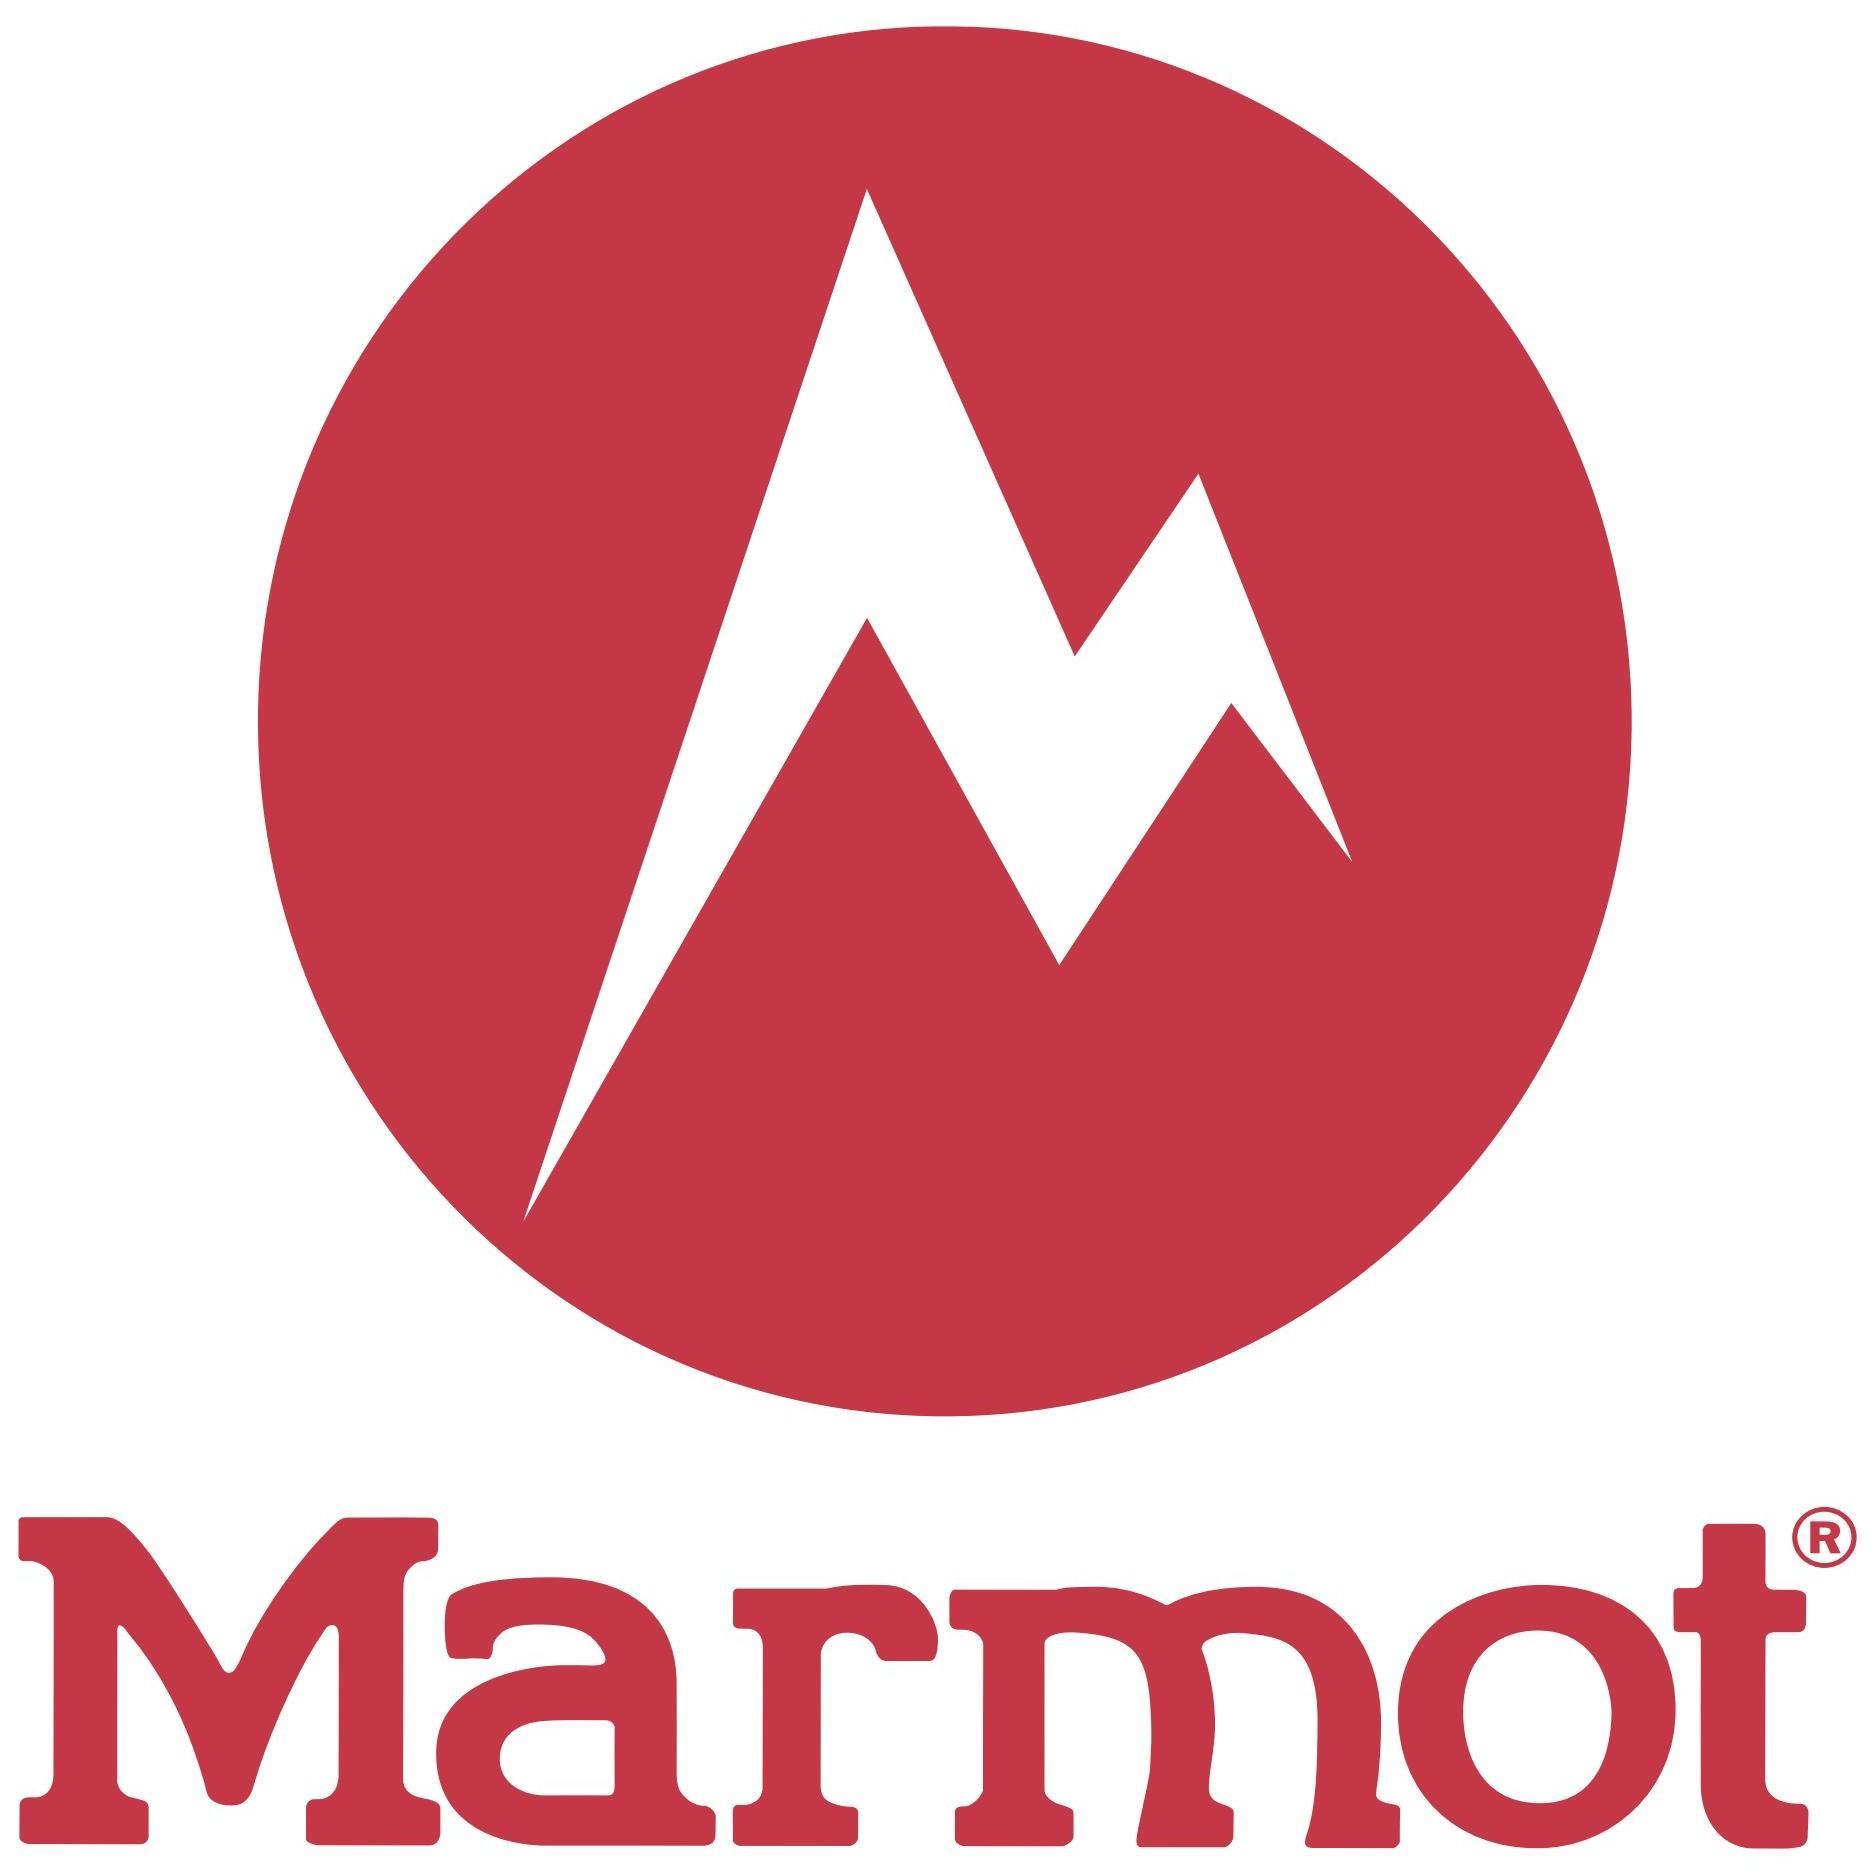 Marmot — Made for Adventure